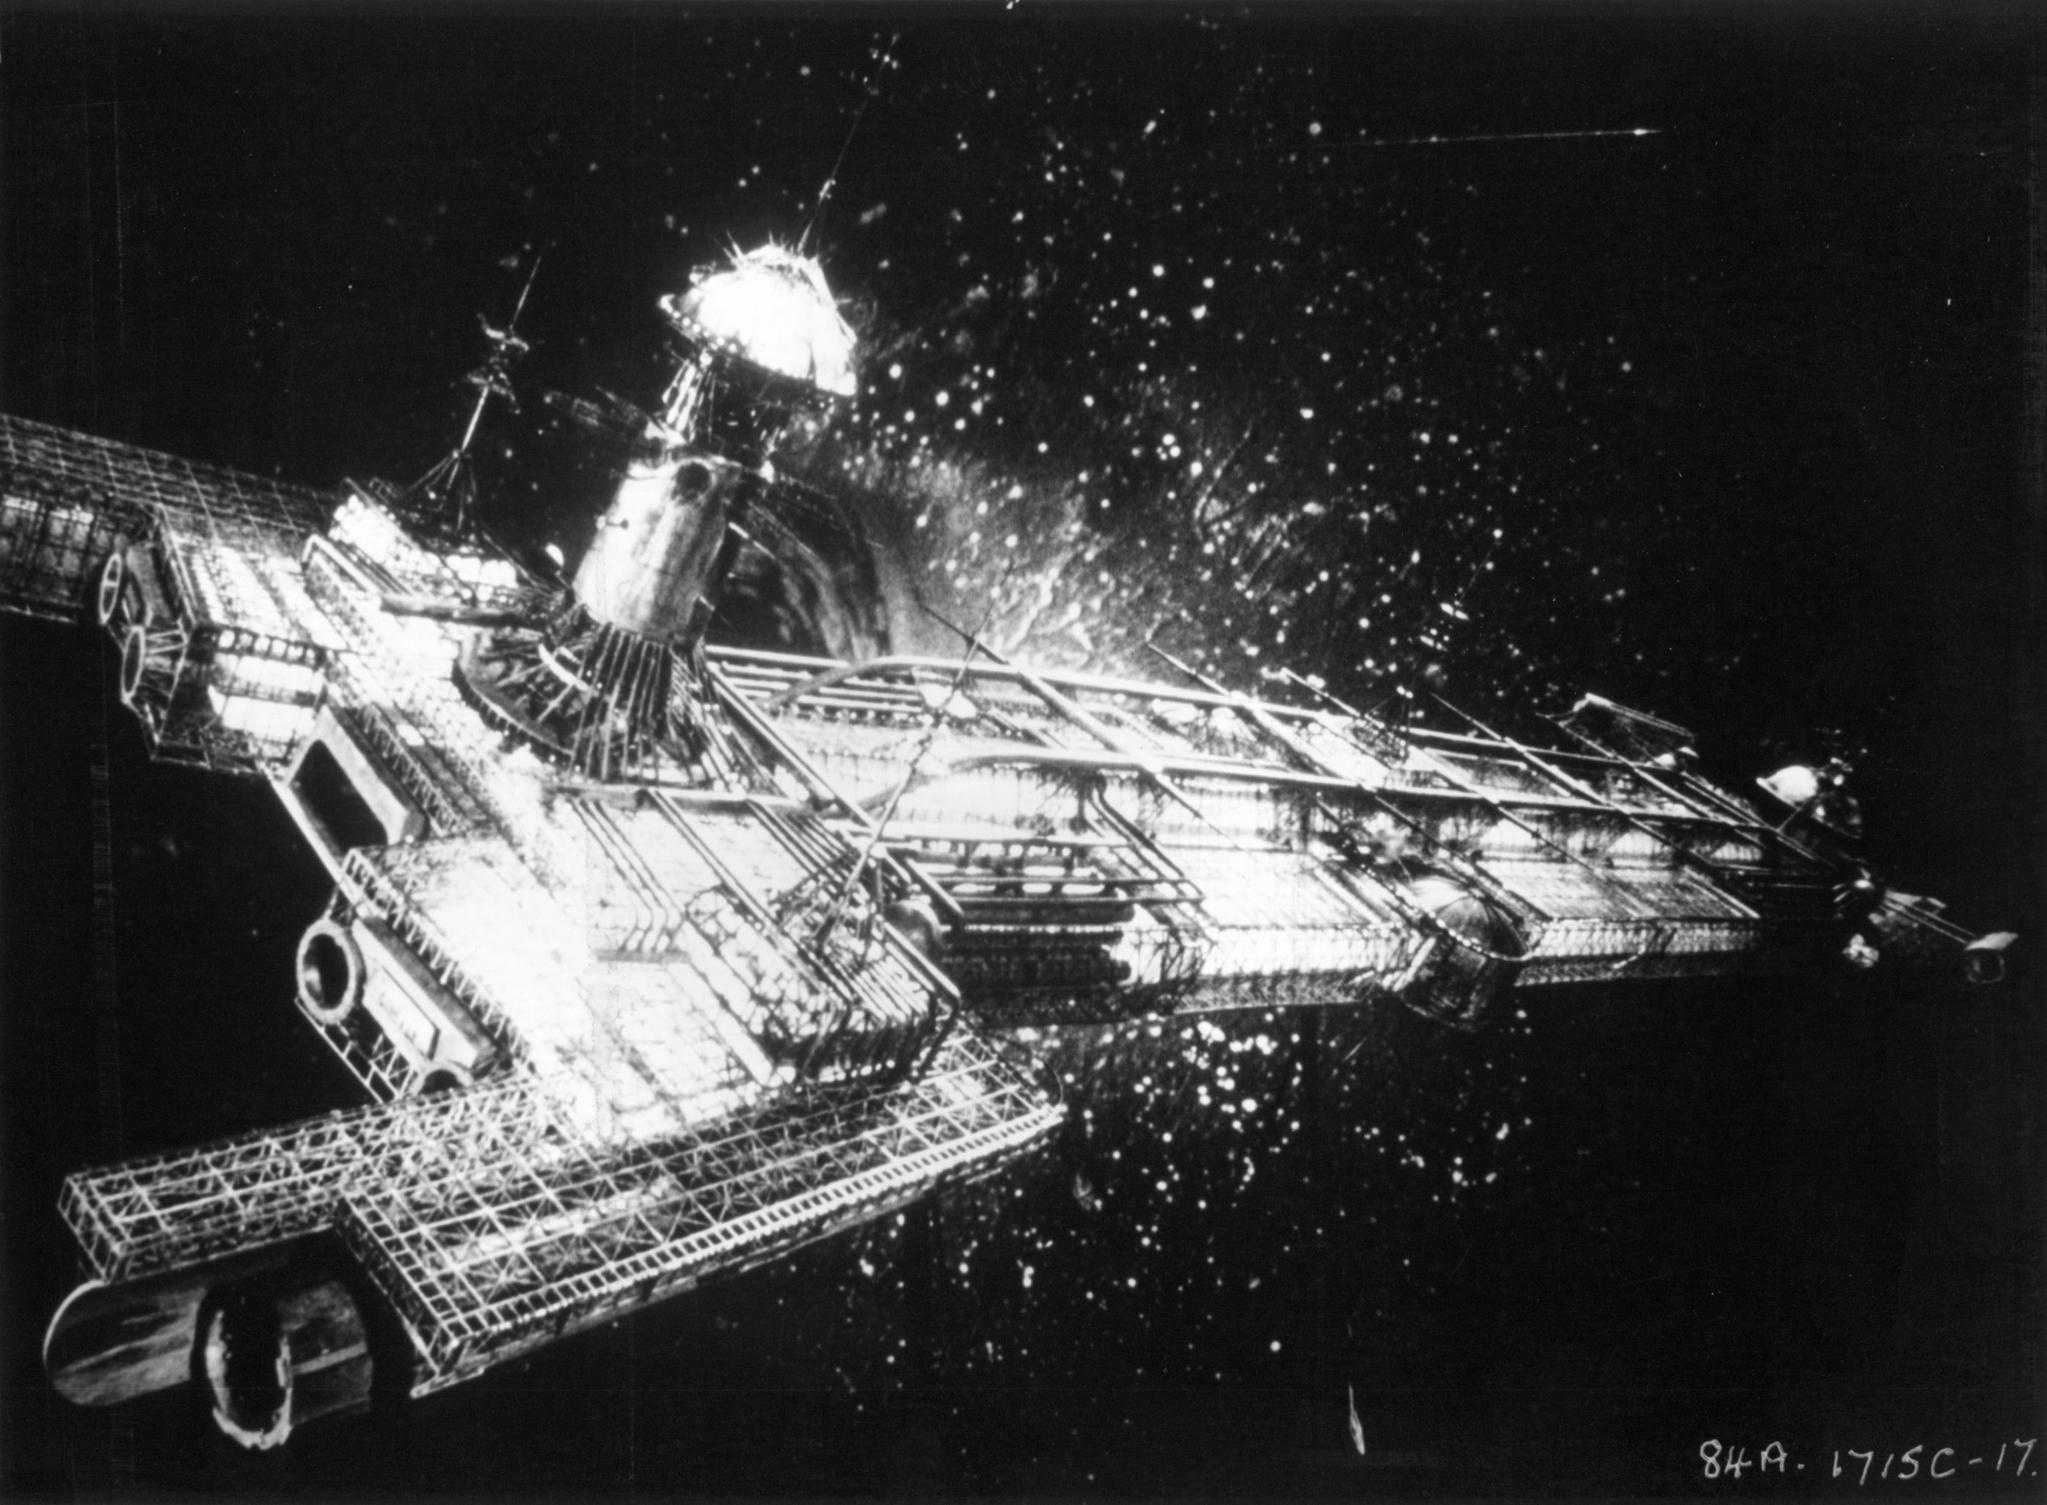 Ship Black Hole Cygnus Blueprint Schematic - Pics about space